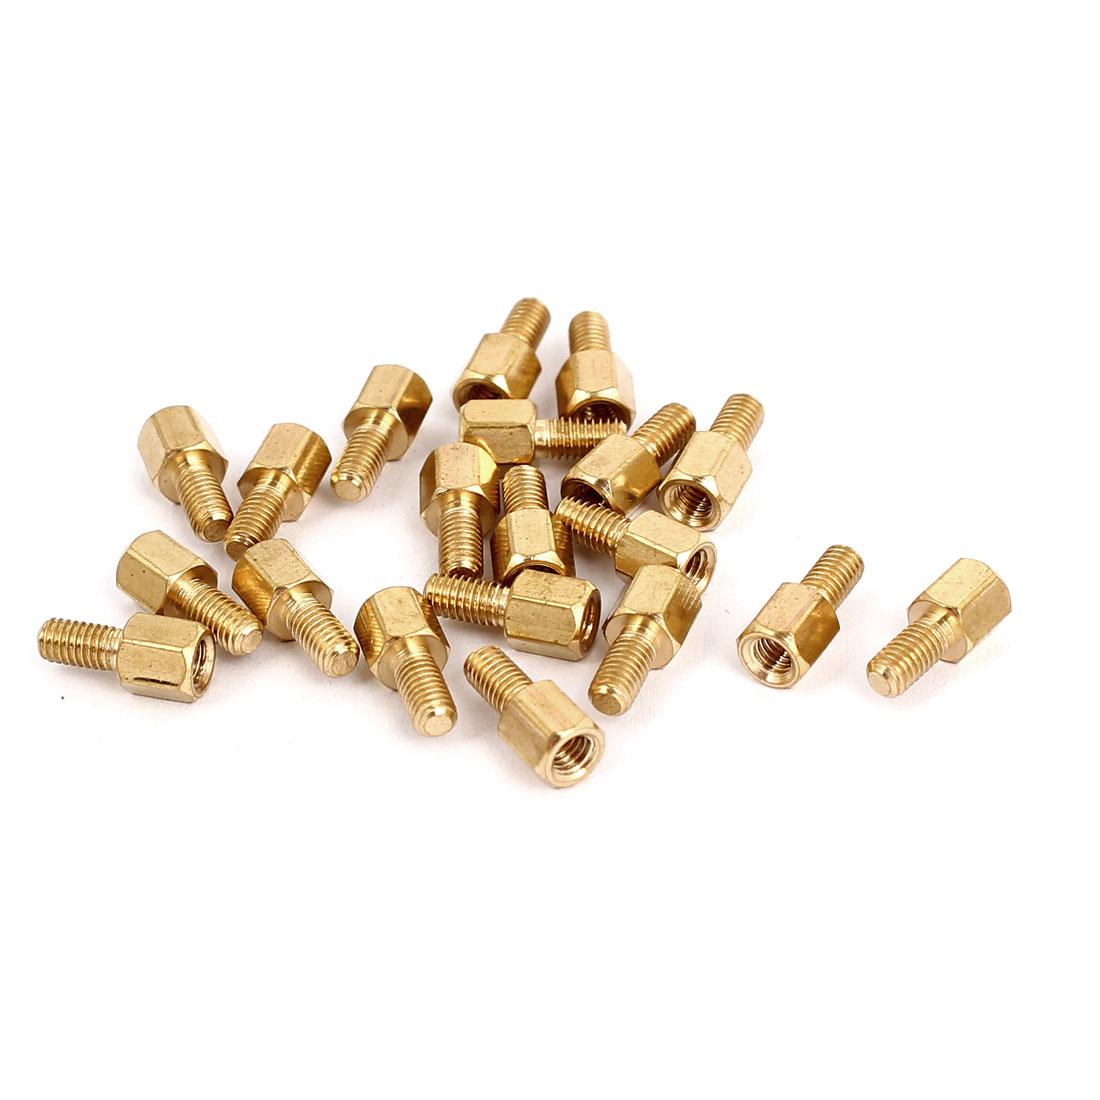 M3 Female x Male Brass Hexagonal Pillar Standoff Spacer Screws Bolt 5+6mm 20pcs